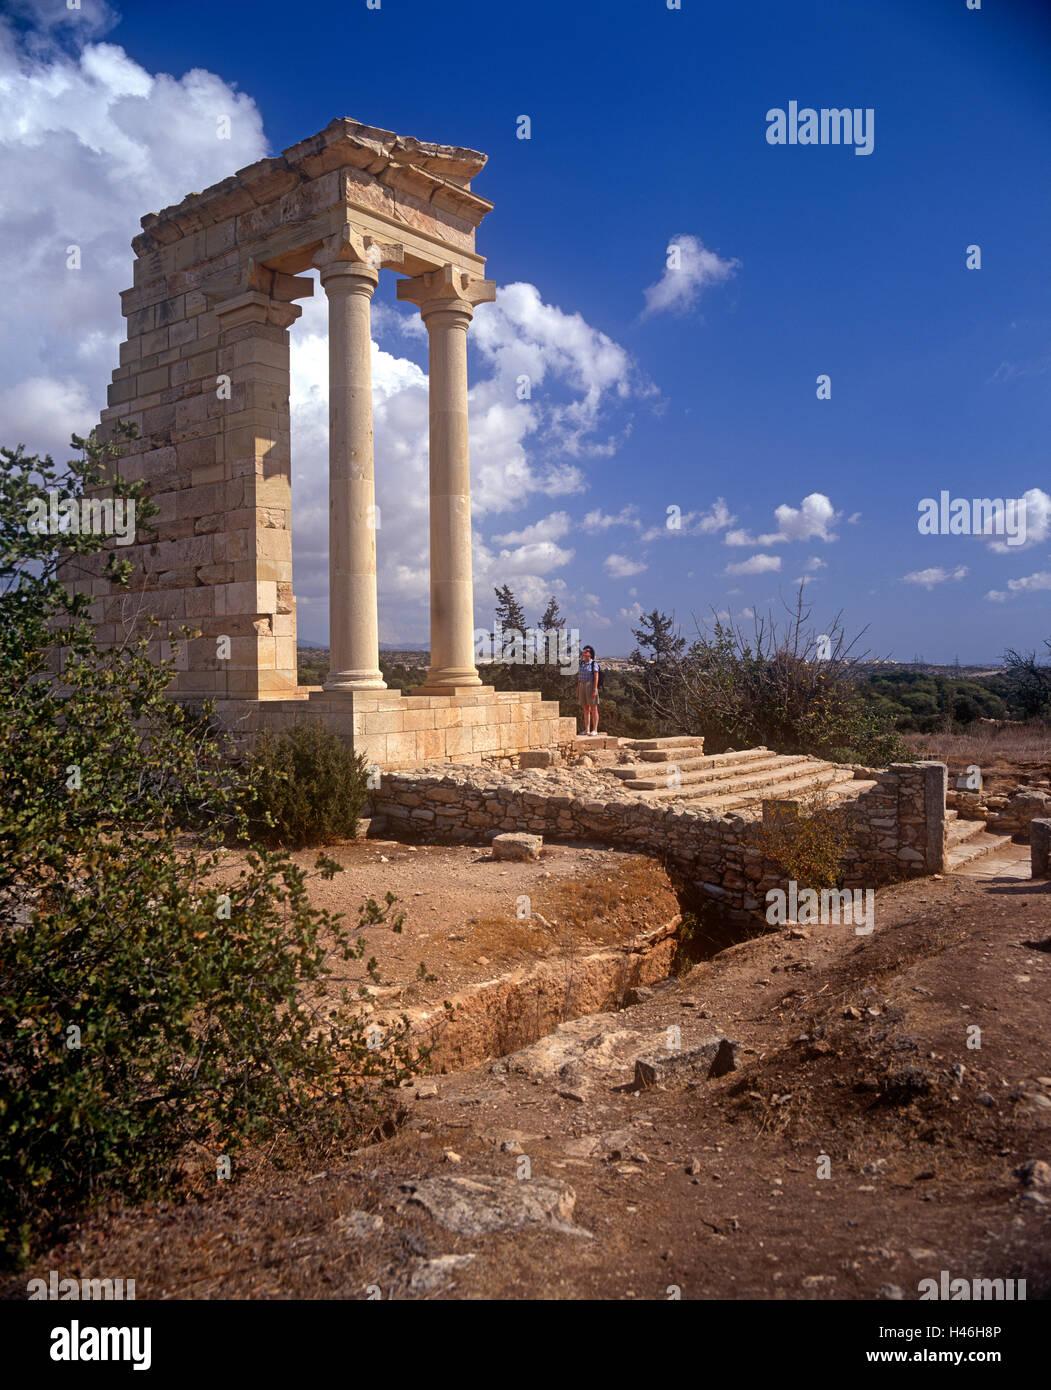 Ruinen der Tempel Apollon Limassol Zypern Stockbild